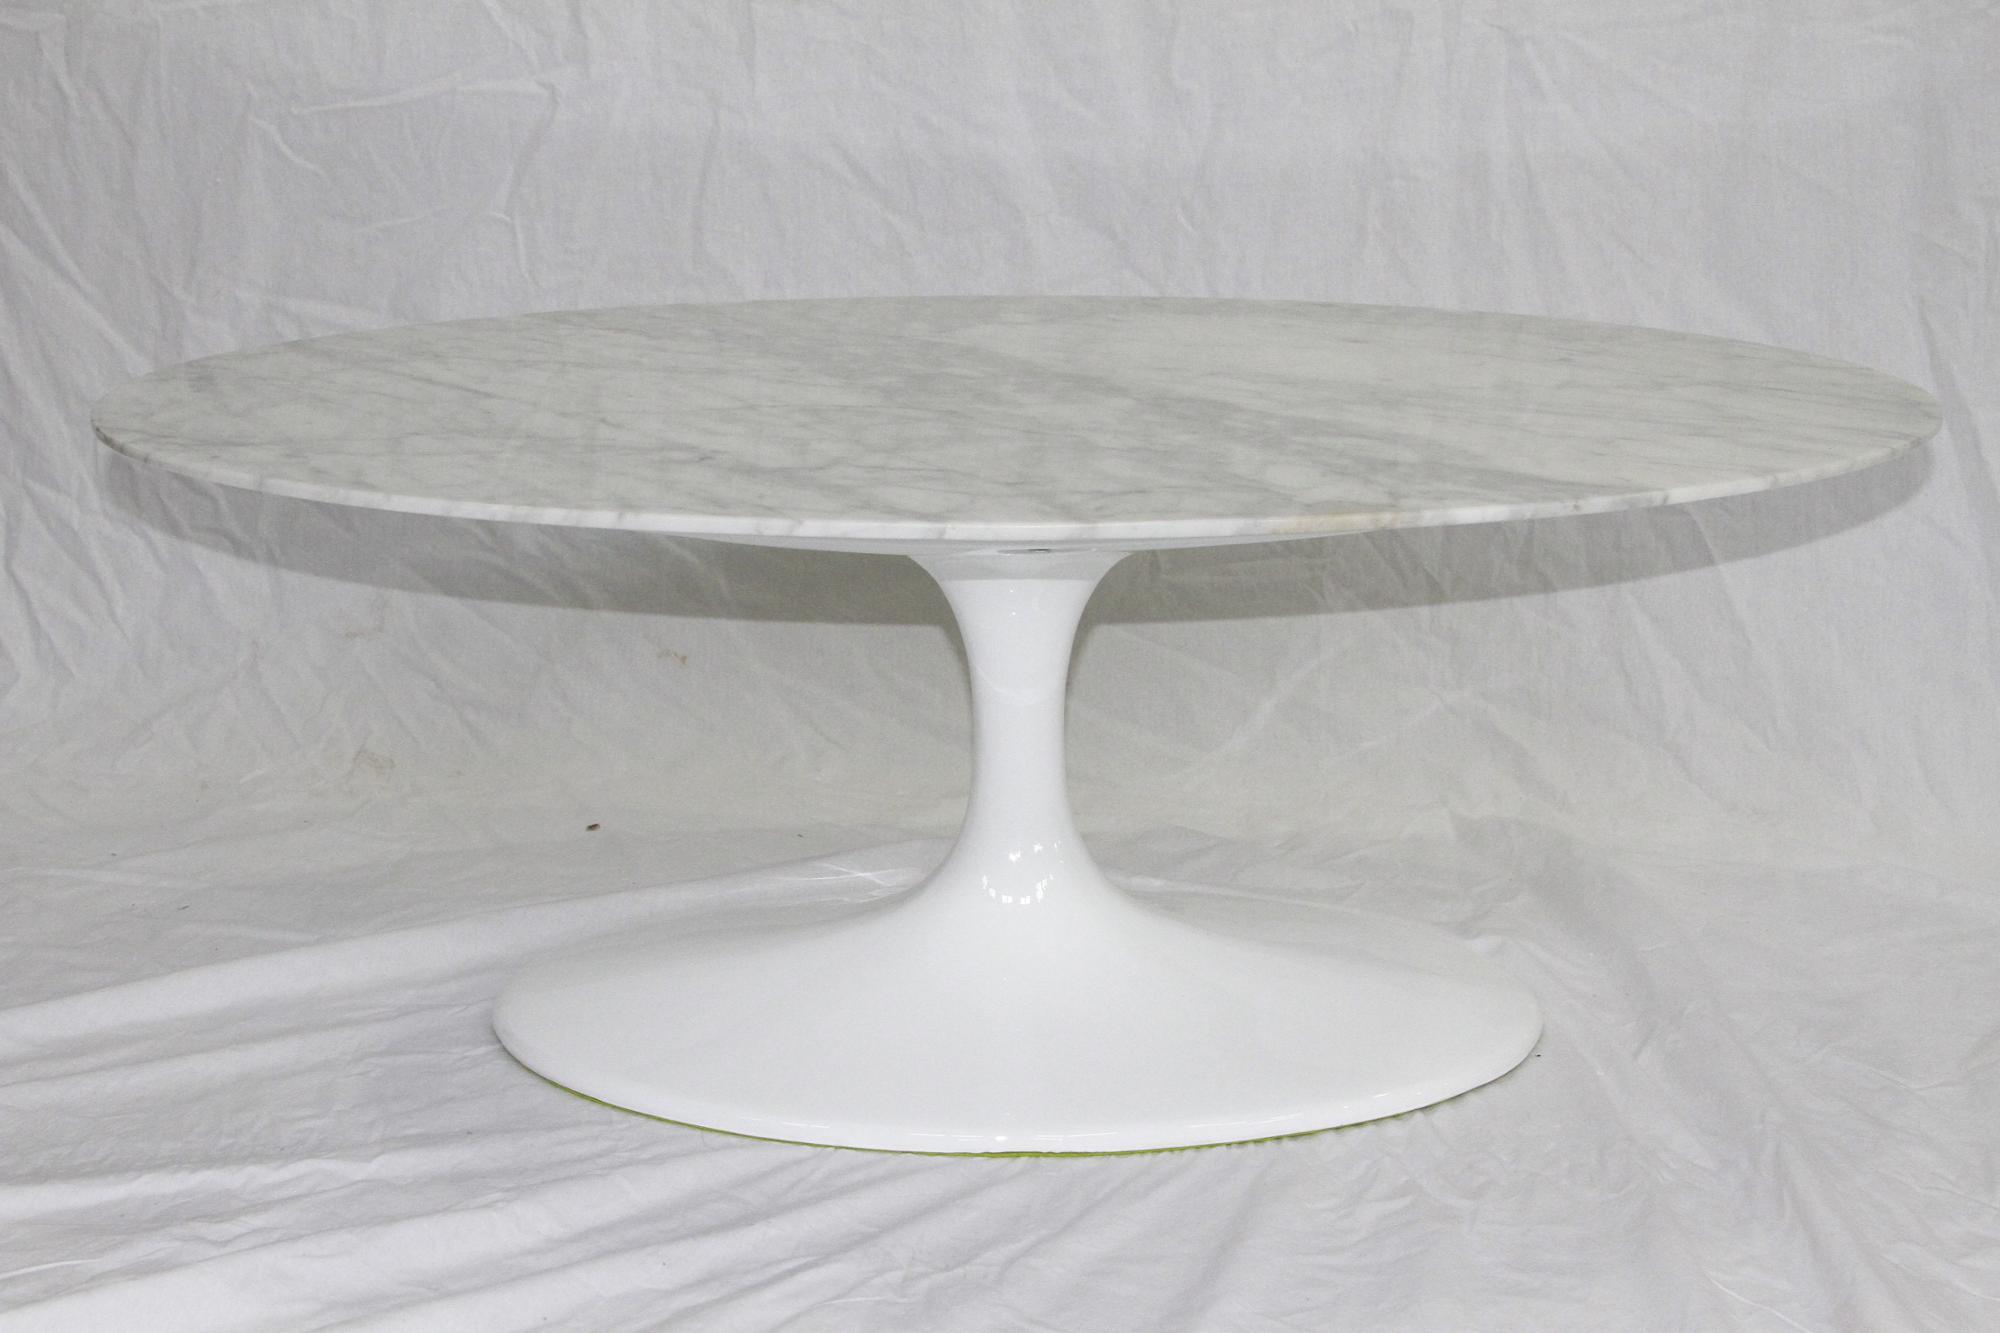 Saarinen Tafel Ovaal : Eettafel ovaal marmer knoll saarinen dining table eero saarinen